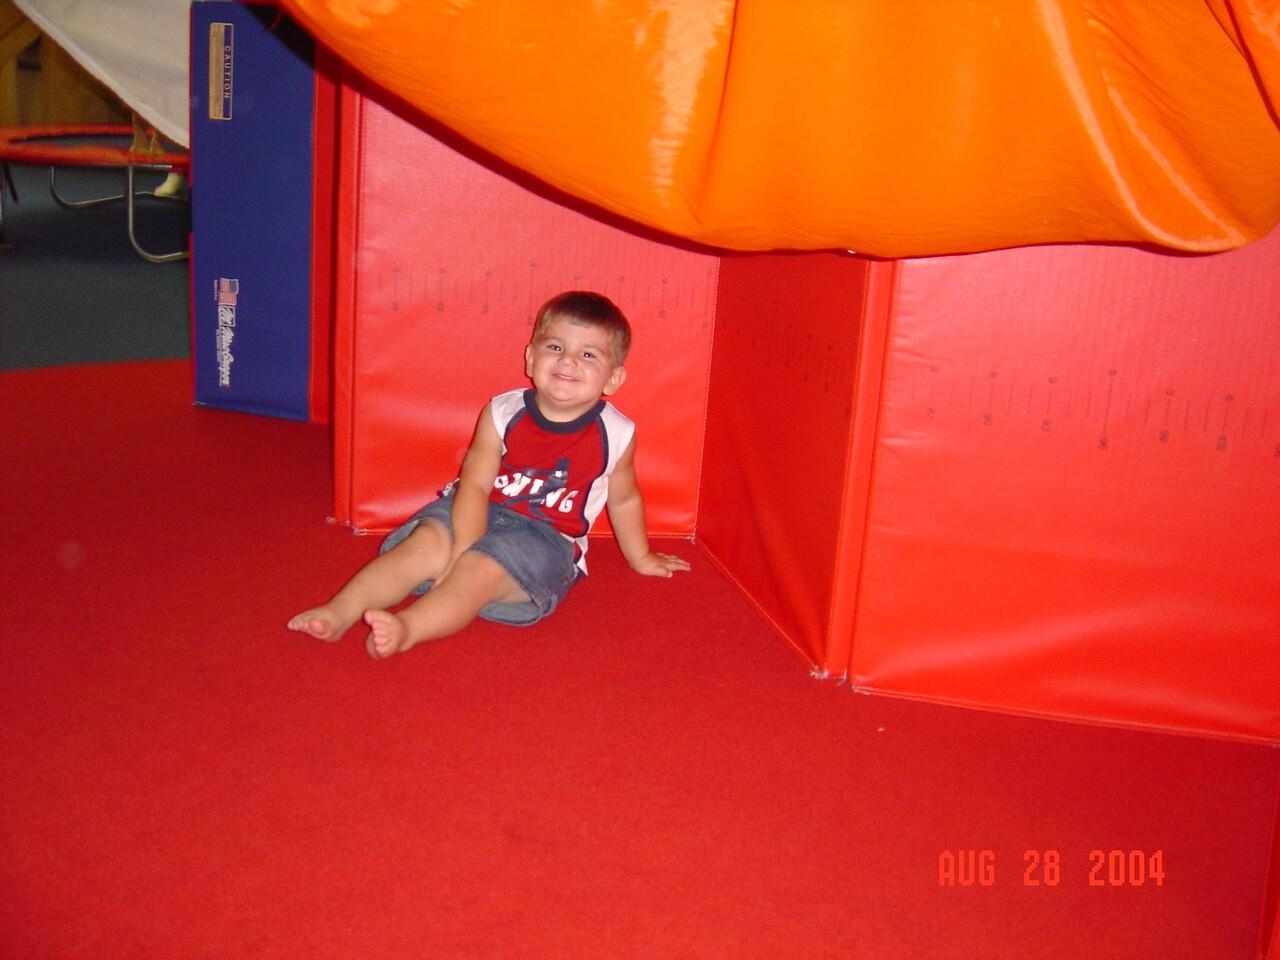 Justin_plays_at_Nat's_party_08-28-04